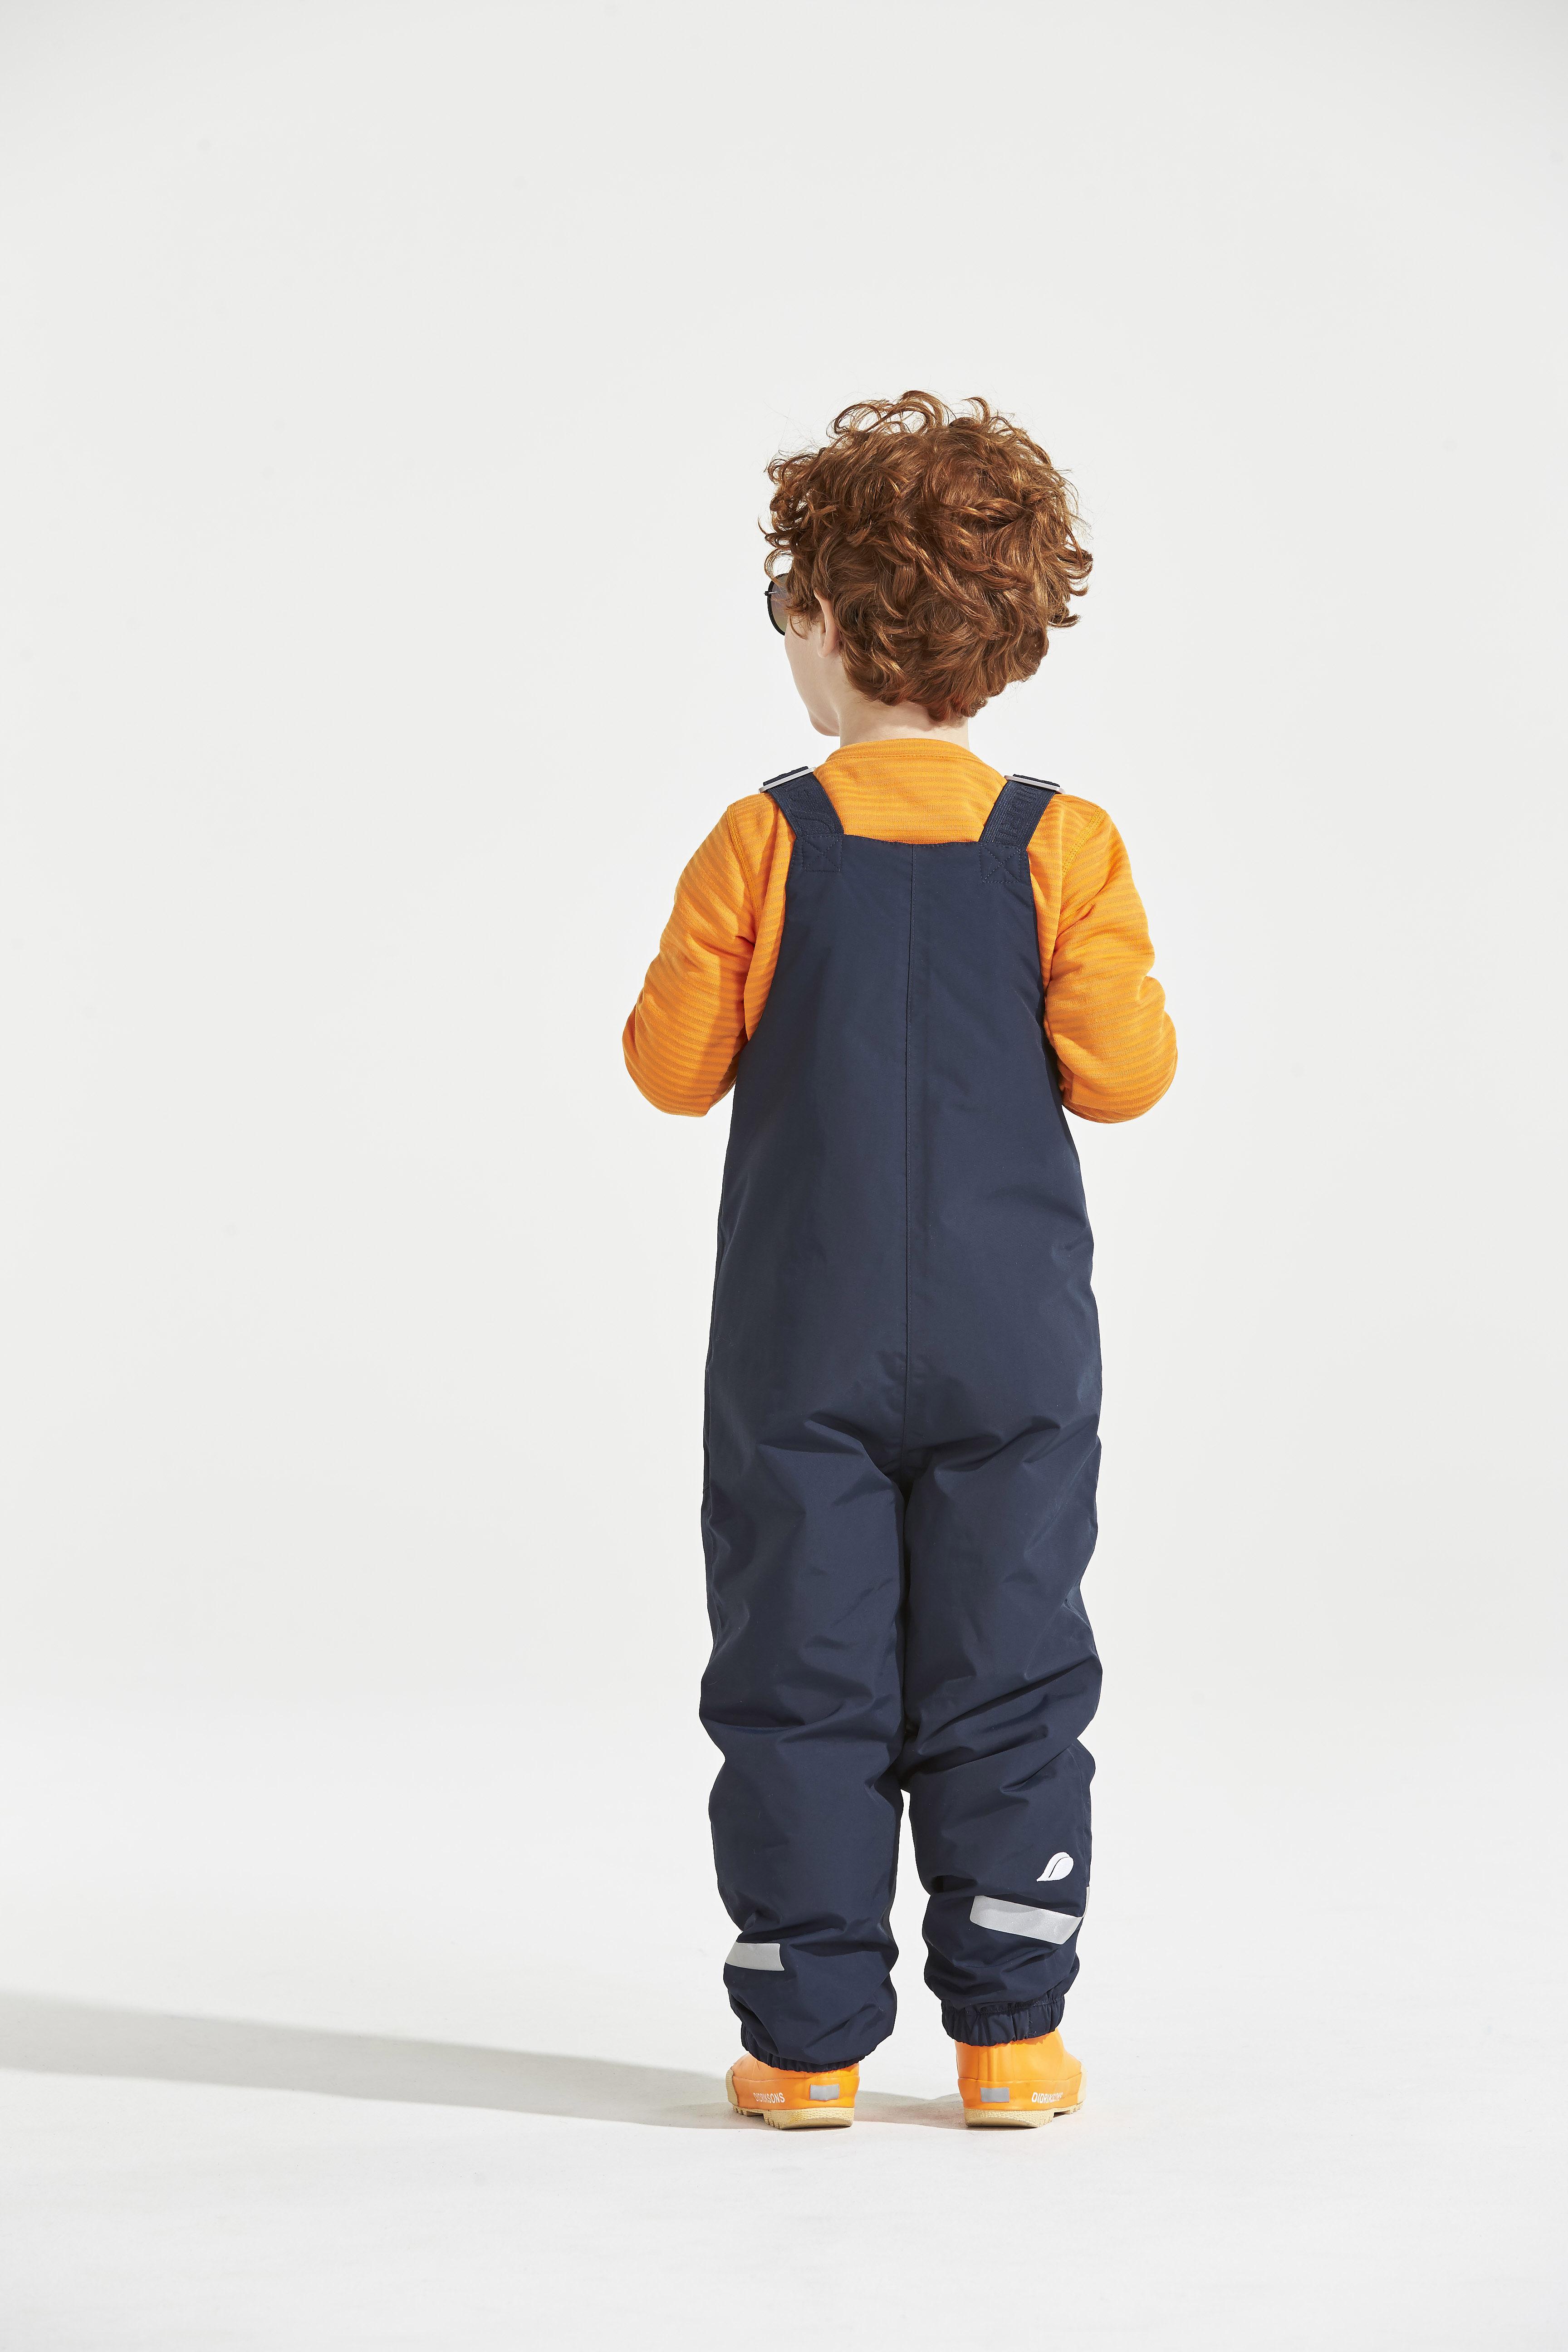 Køb Didriksons Ski bukser Børn Tarfala DI501853